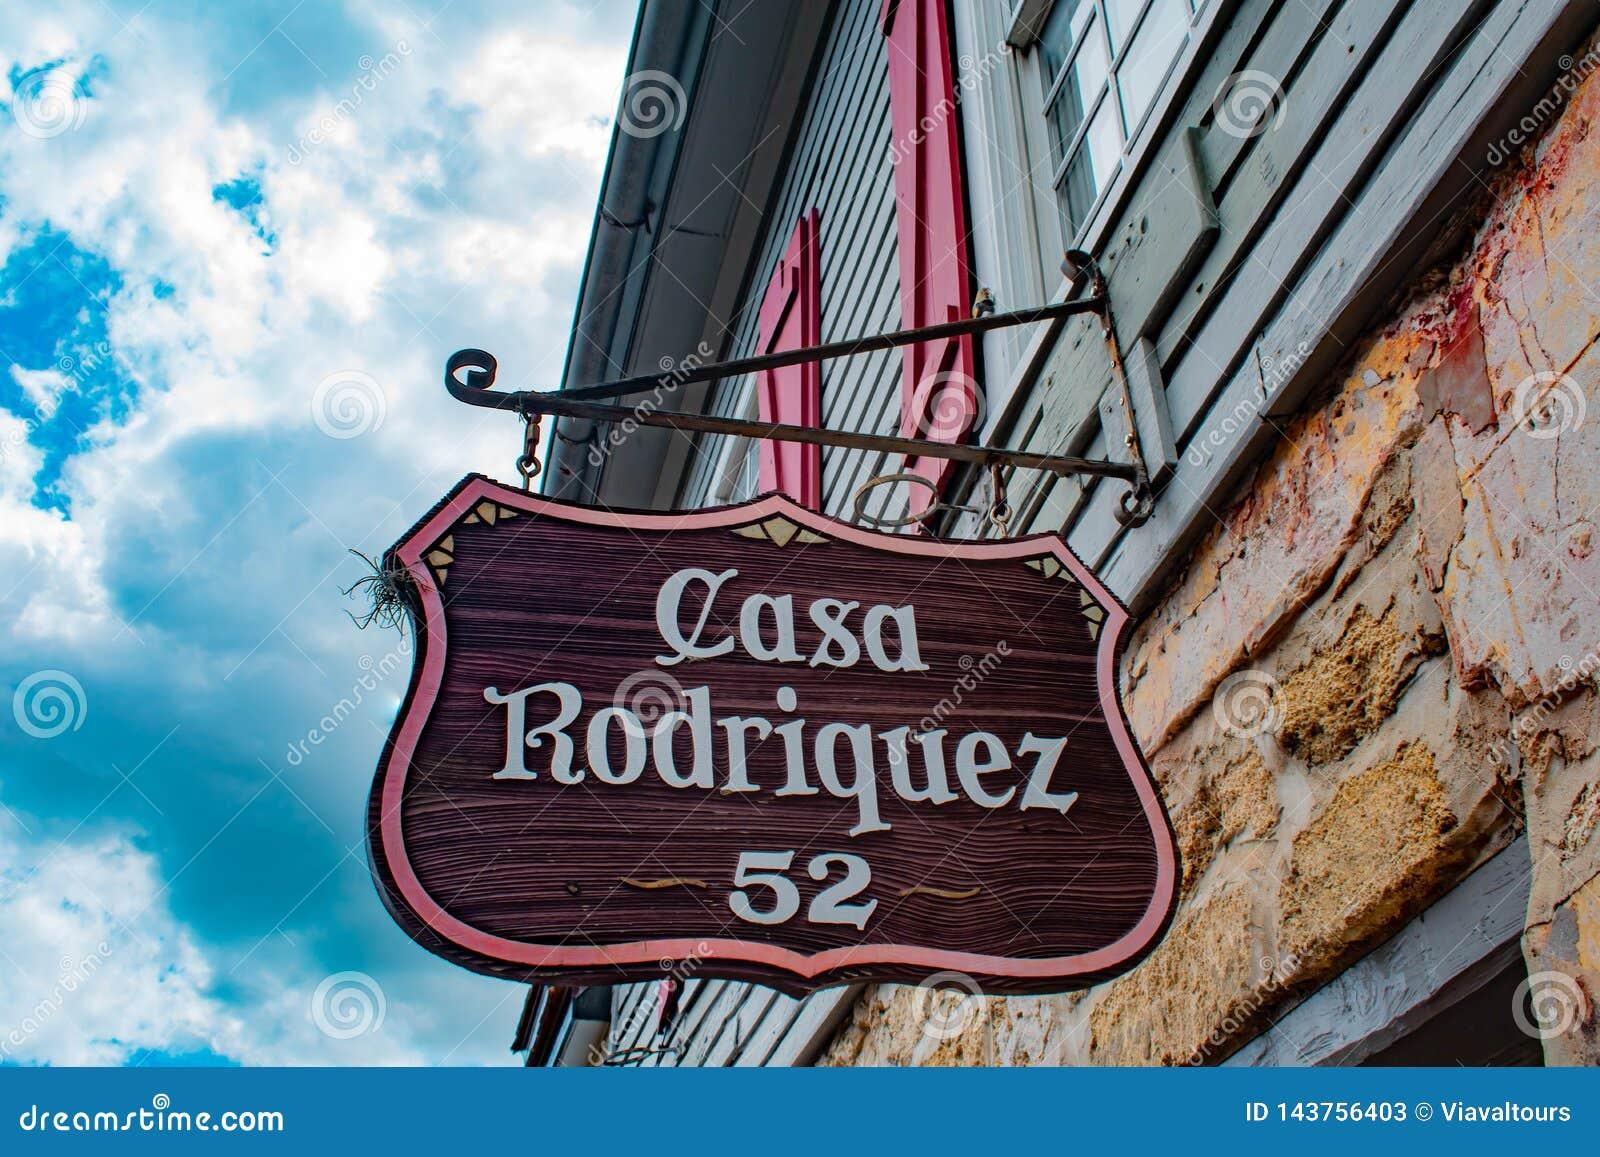 Взгляд сверху Касы Родригеса подписывает внутри улицу St. George на побережье Флориды историческом